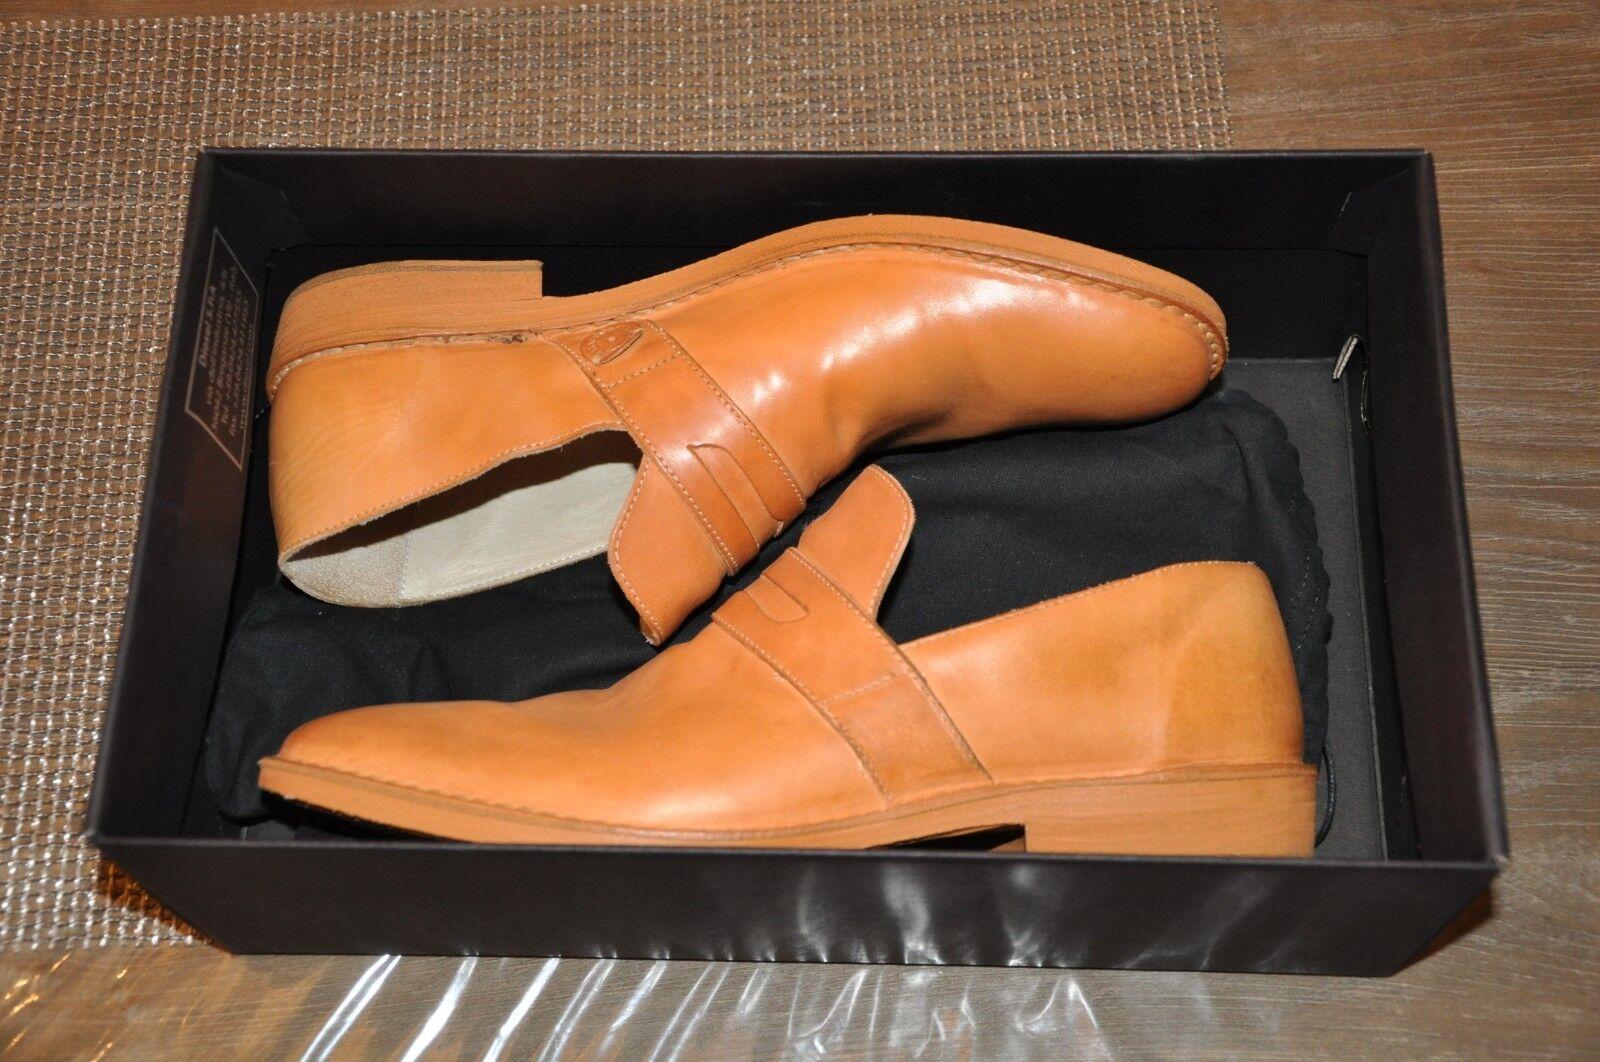 Diesel nero oro Barn-Sol Mens Leather scarpe Dimensione 44 US Dimensione 10.5 made in